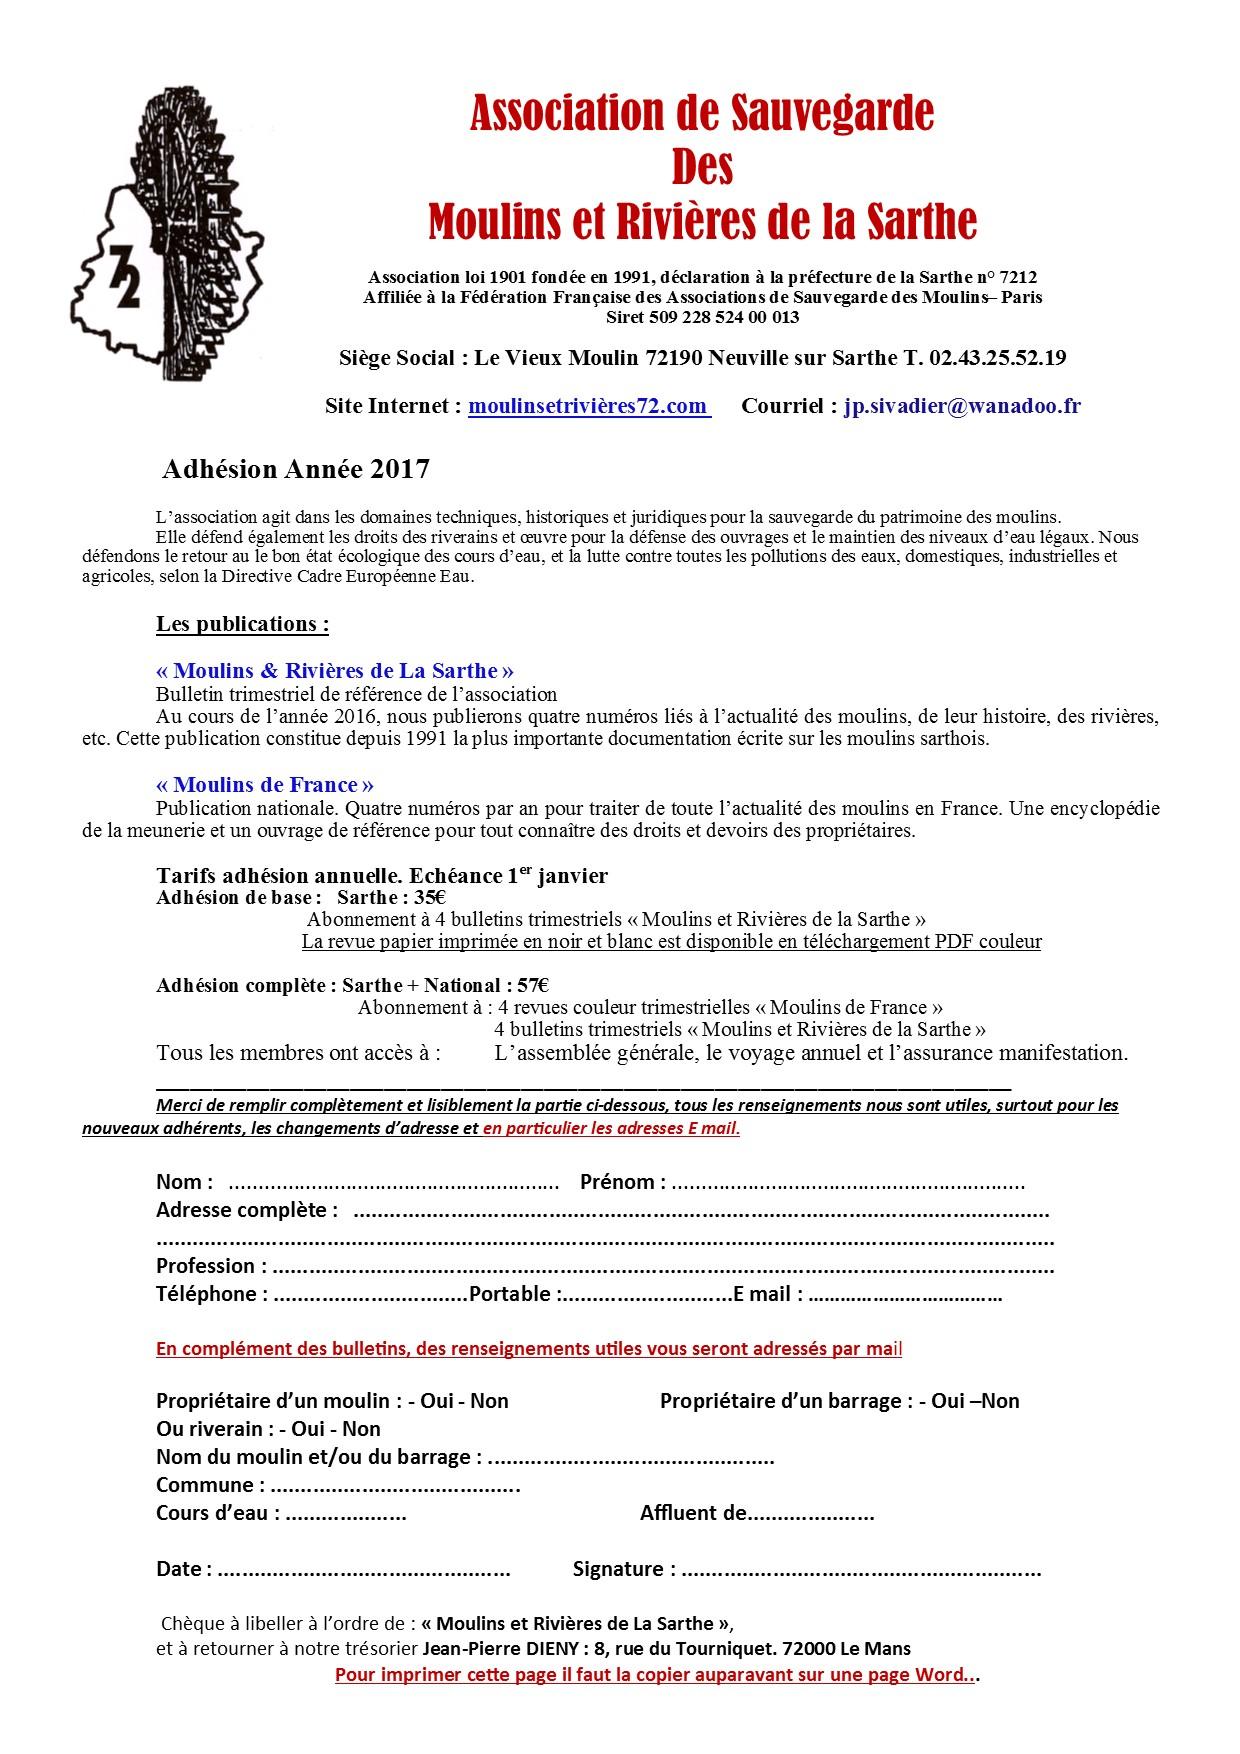 2017-fiche-adhesion